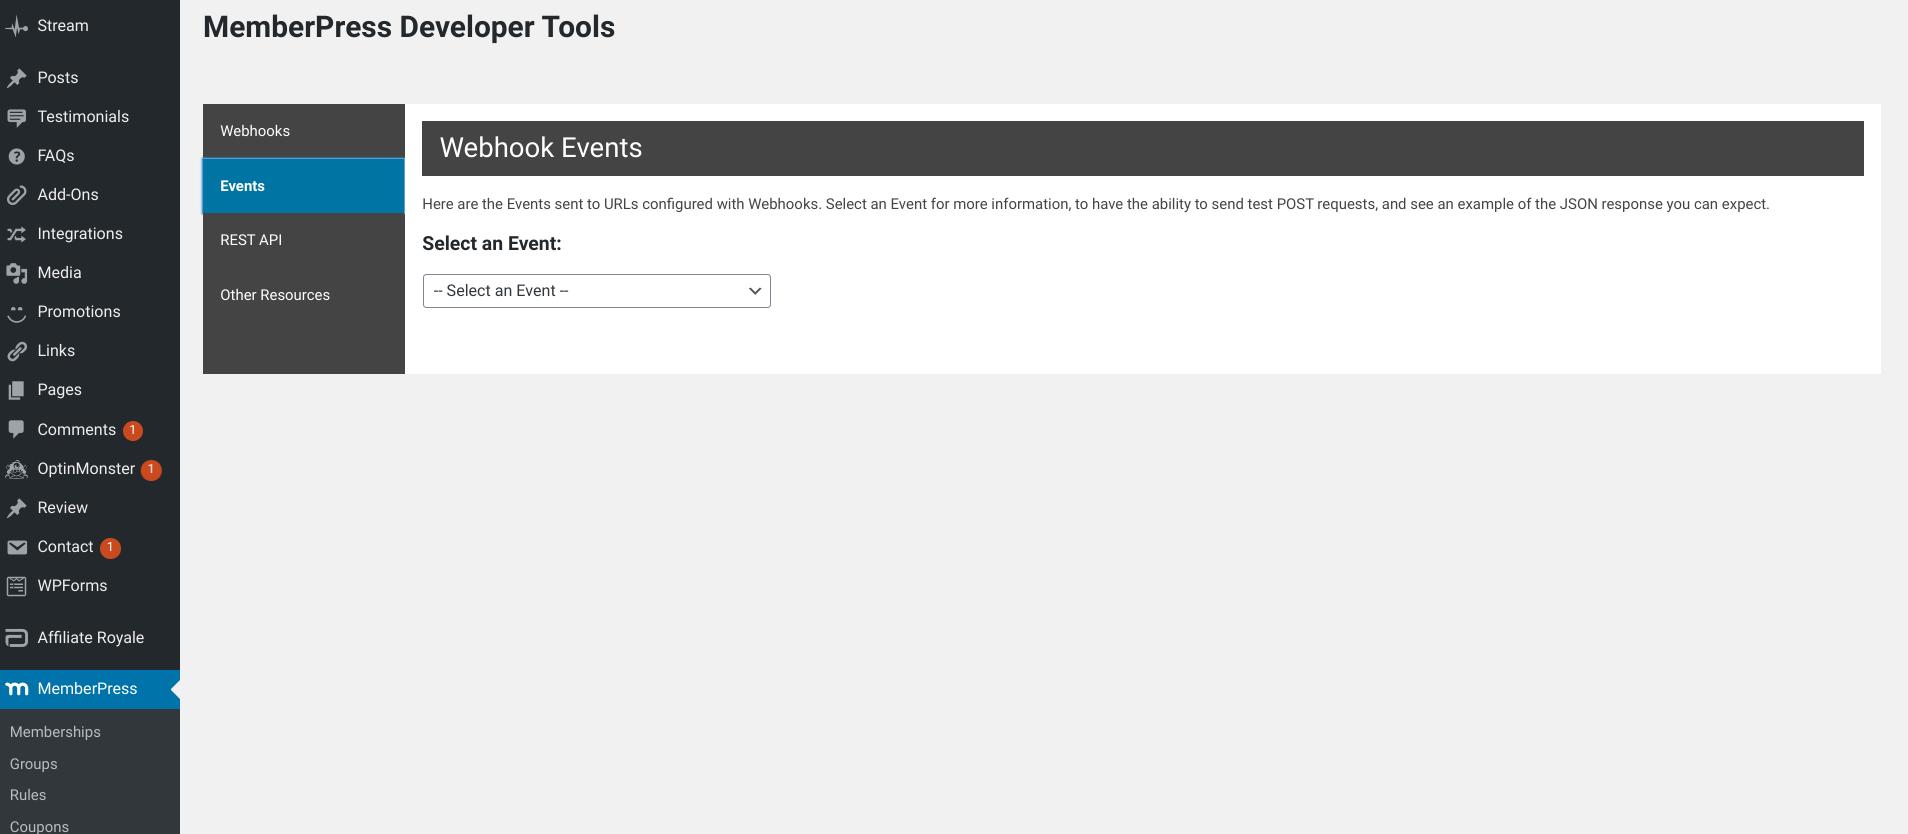 memberpress developer tools events